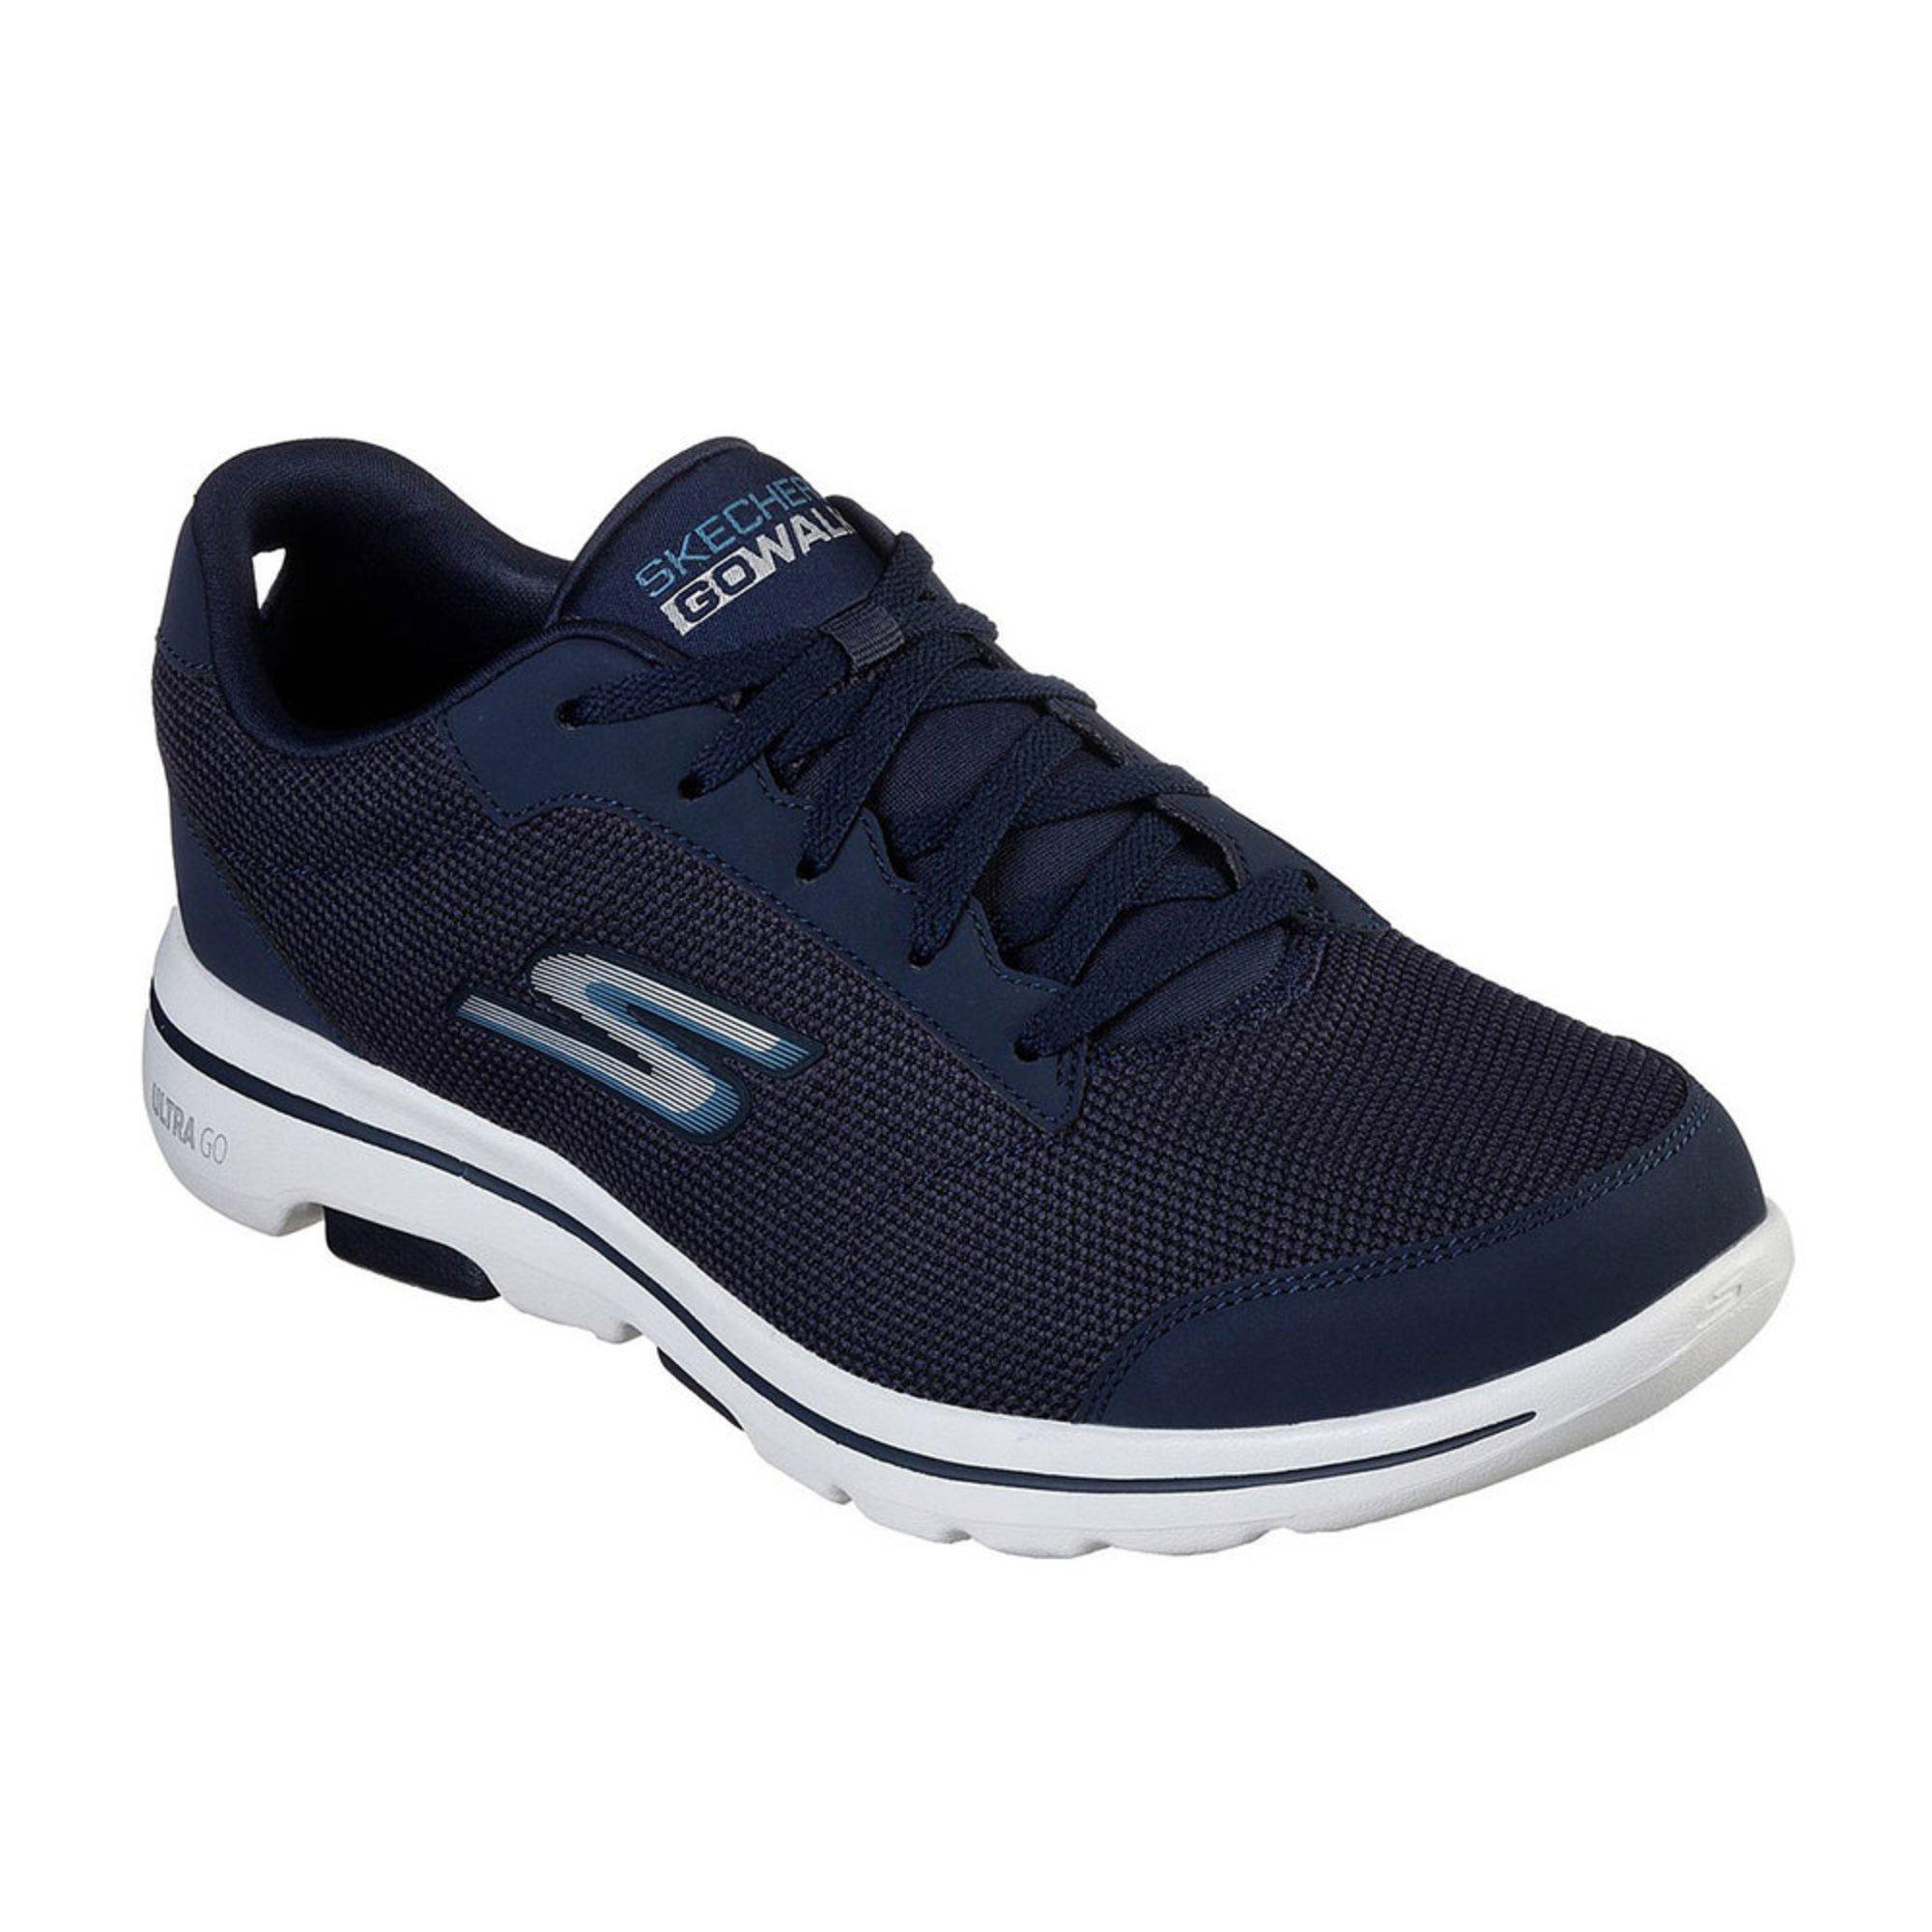 skechers ultimate walking shoe